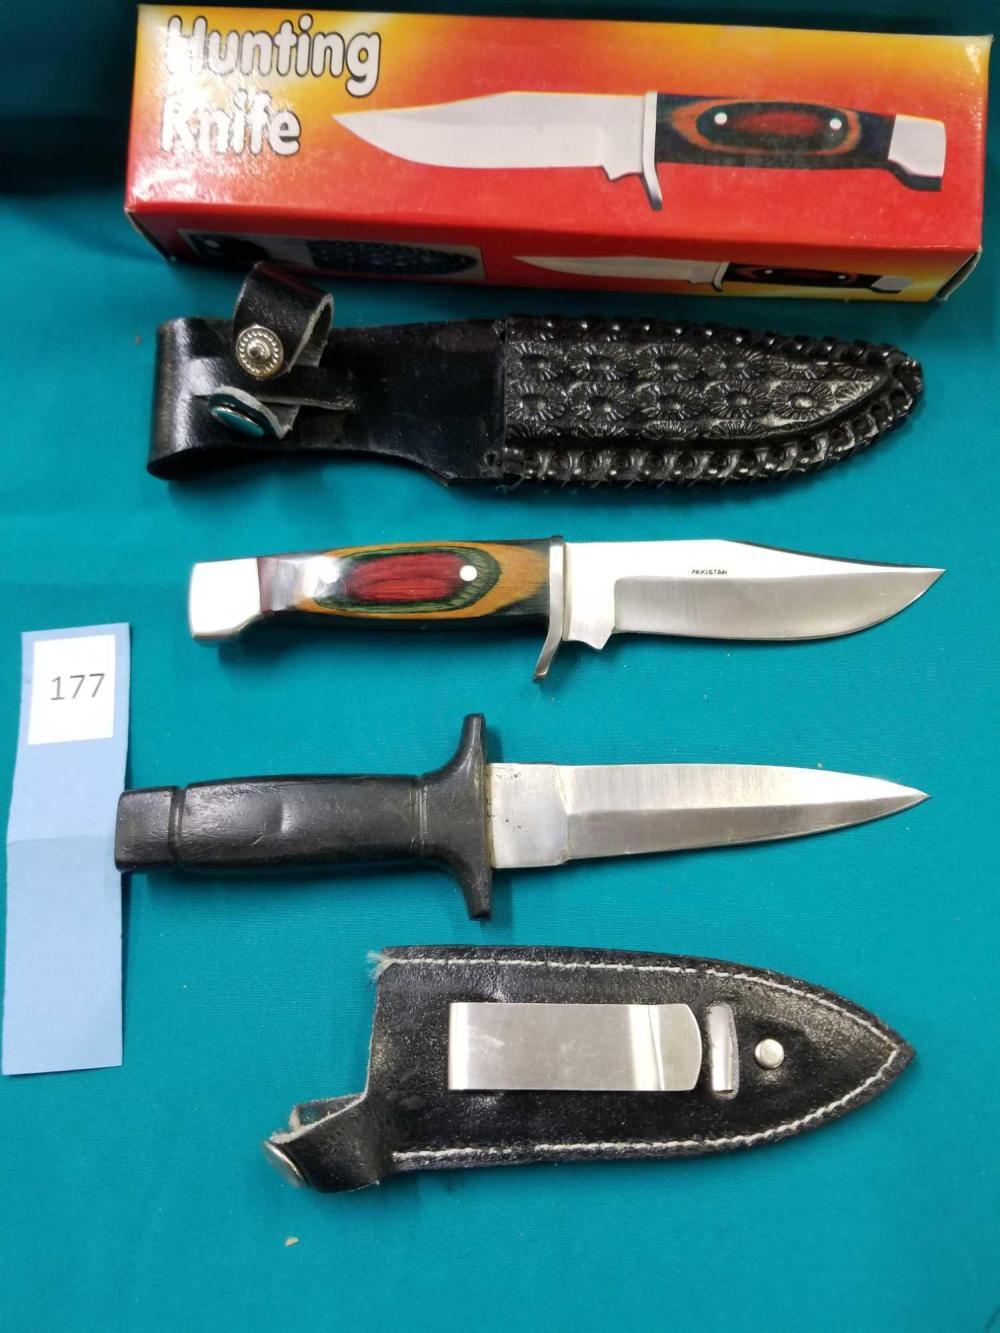 HUNTING KNIFE & DAGGER W/ SHEATHS - 2 ITEMS